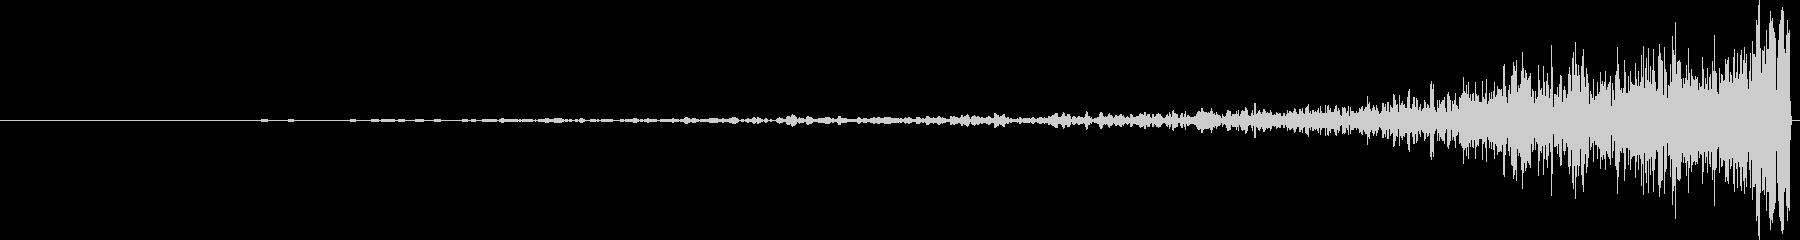 ヒューシュカットリバースアウトの未再生の波形